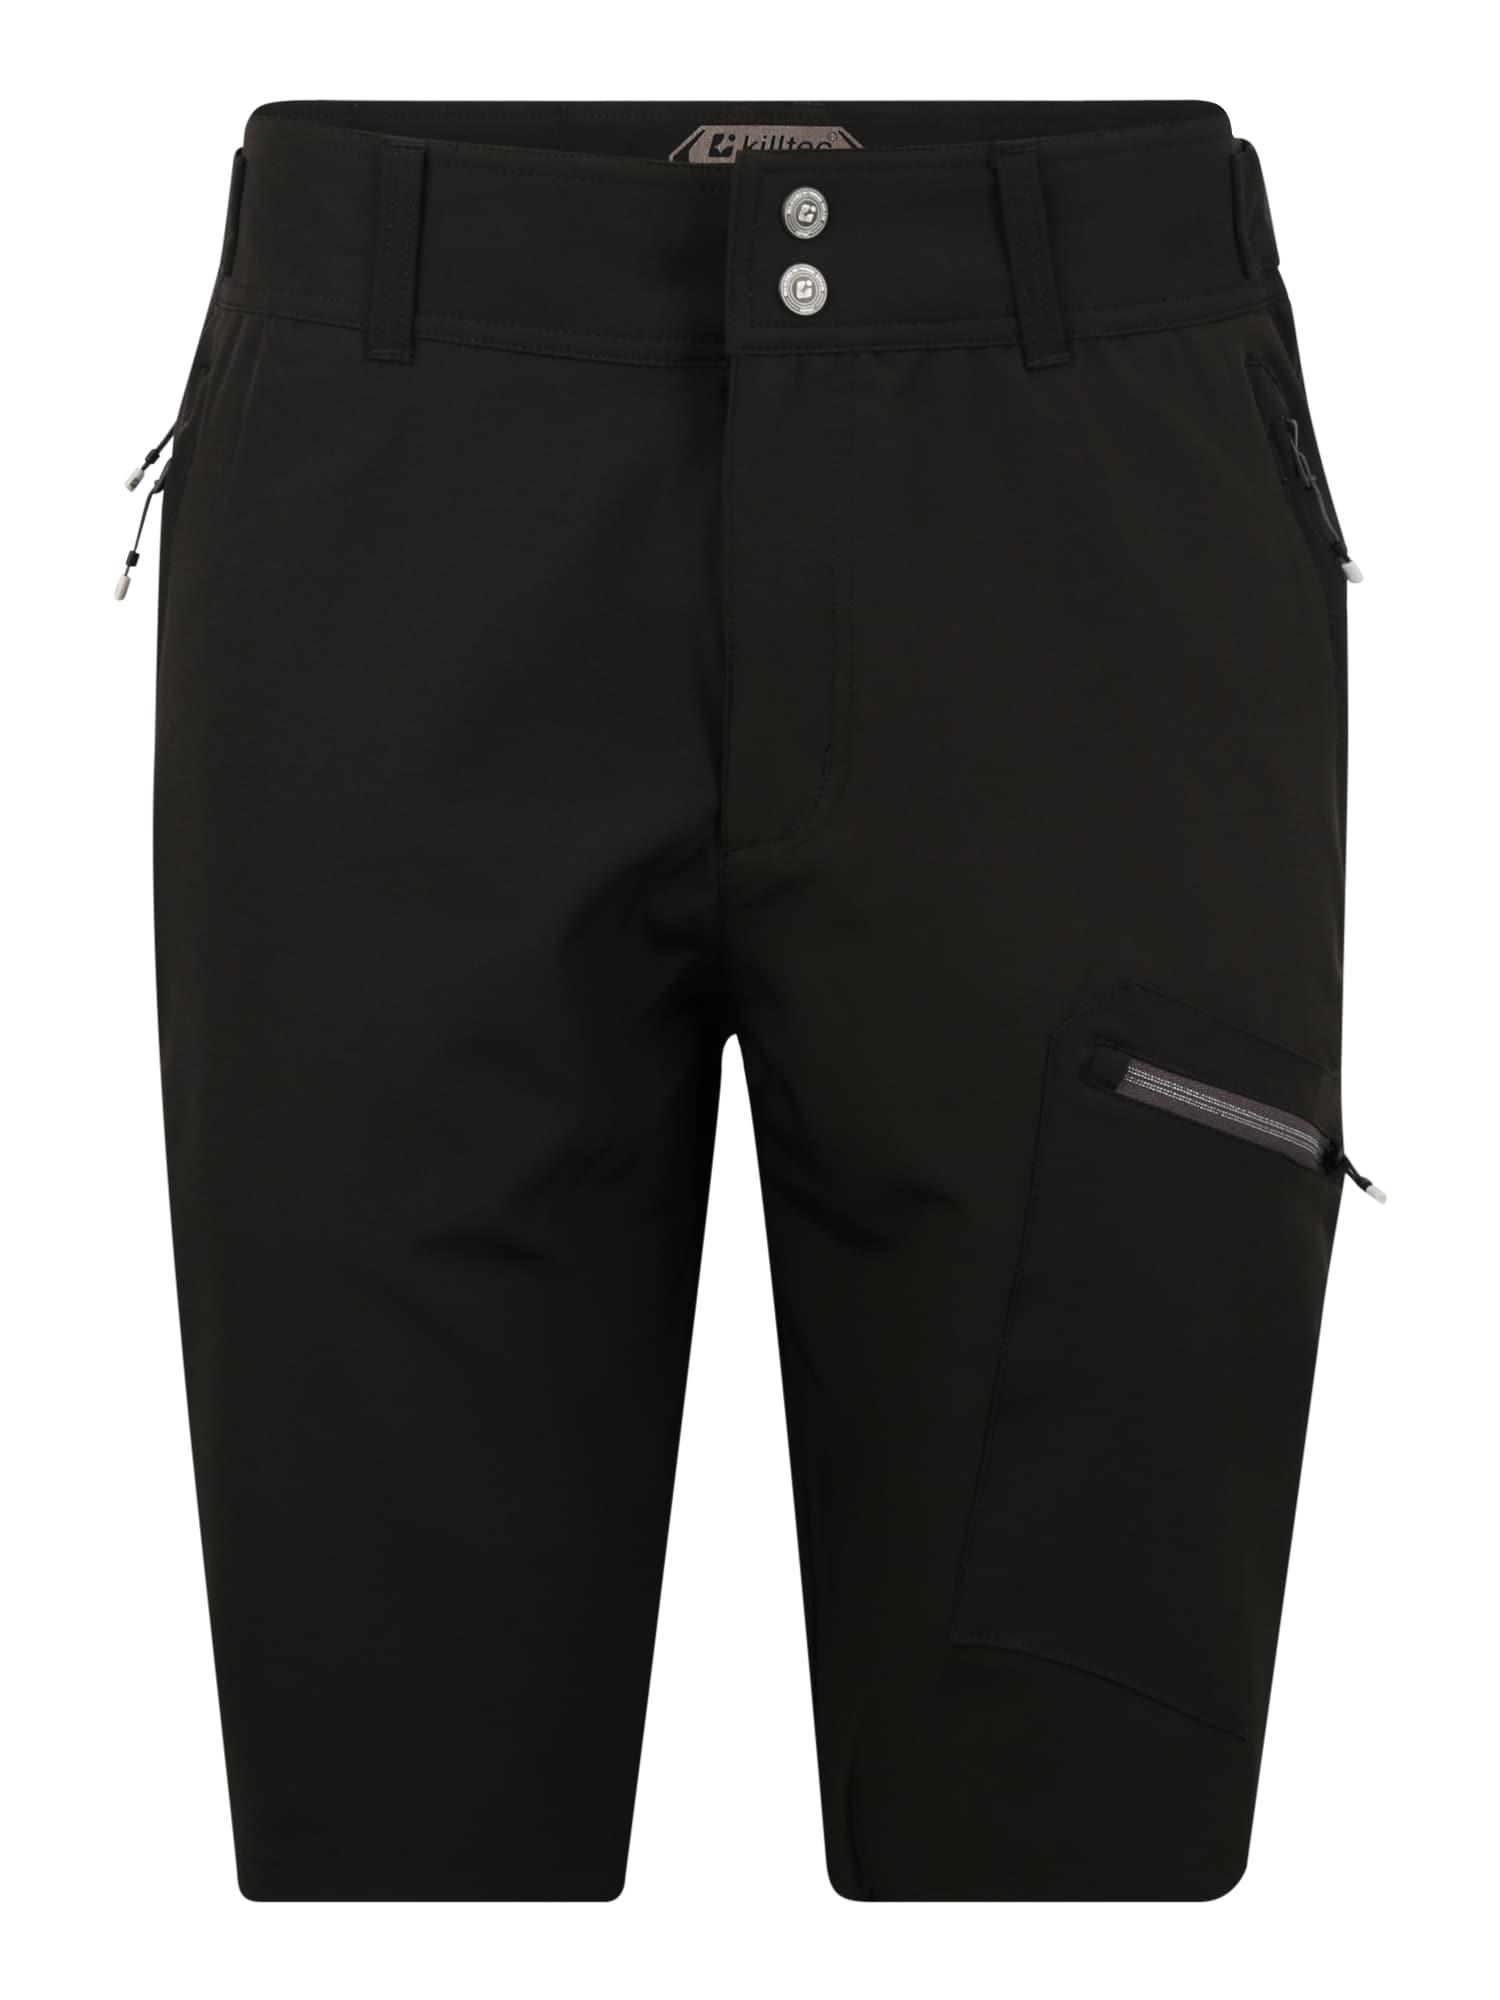 KILLTEC Laisvalaikio kelnės 'Tamon' juoda